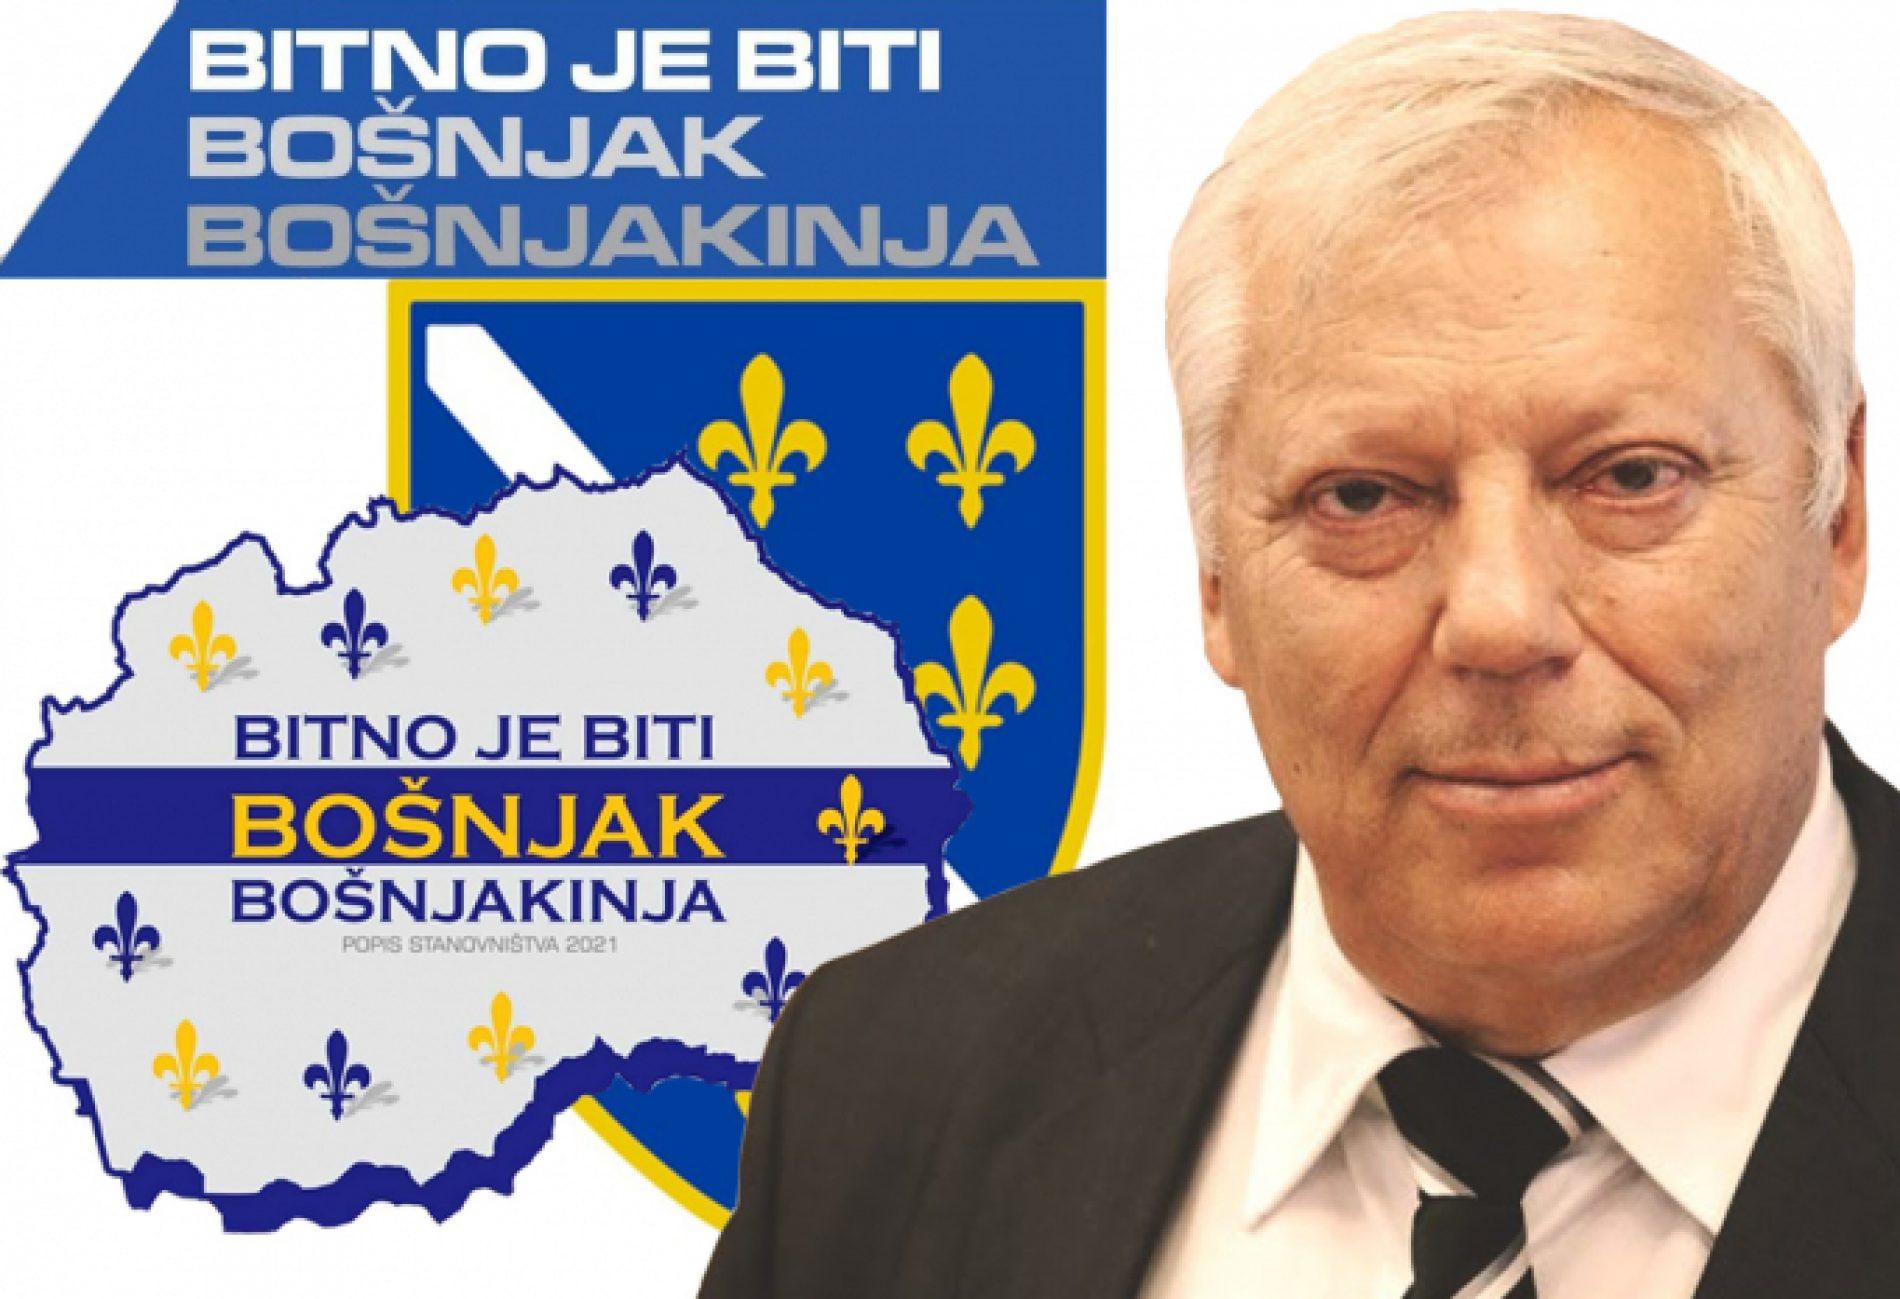 Akademik dr. Muhić povodom popisa u S. Makedoniji: Bošnjaci, budimo ono što jesmo; Bošnjaci!